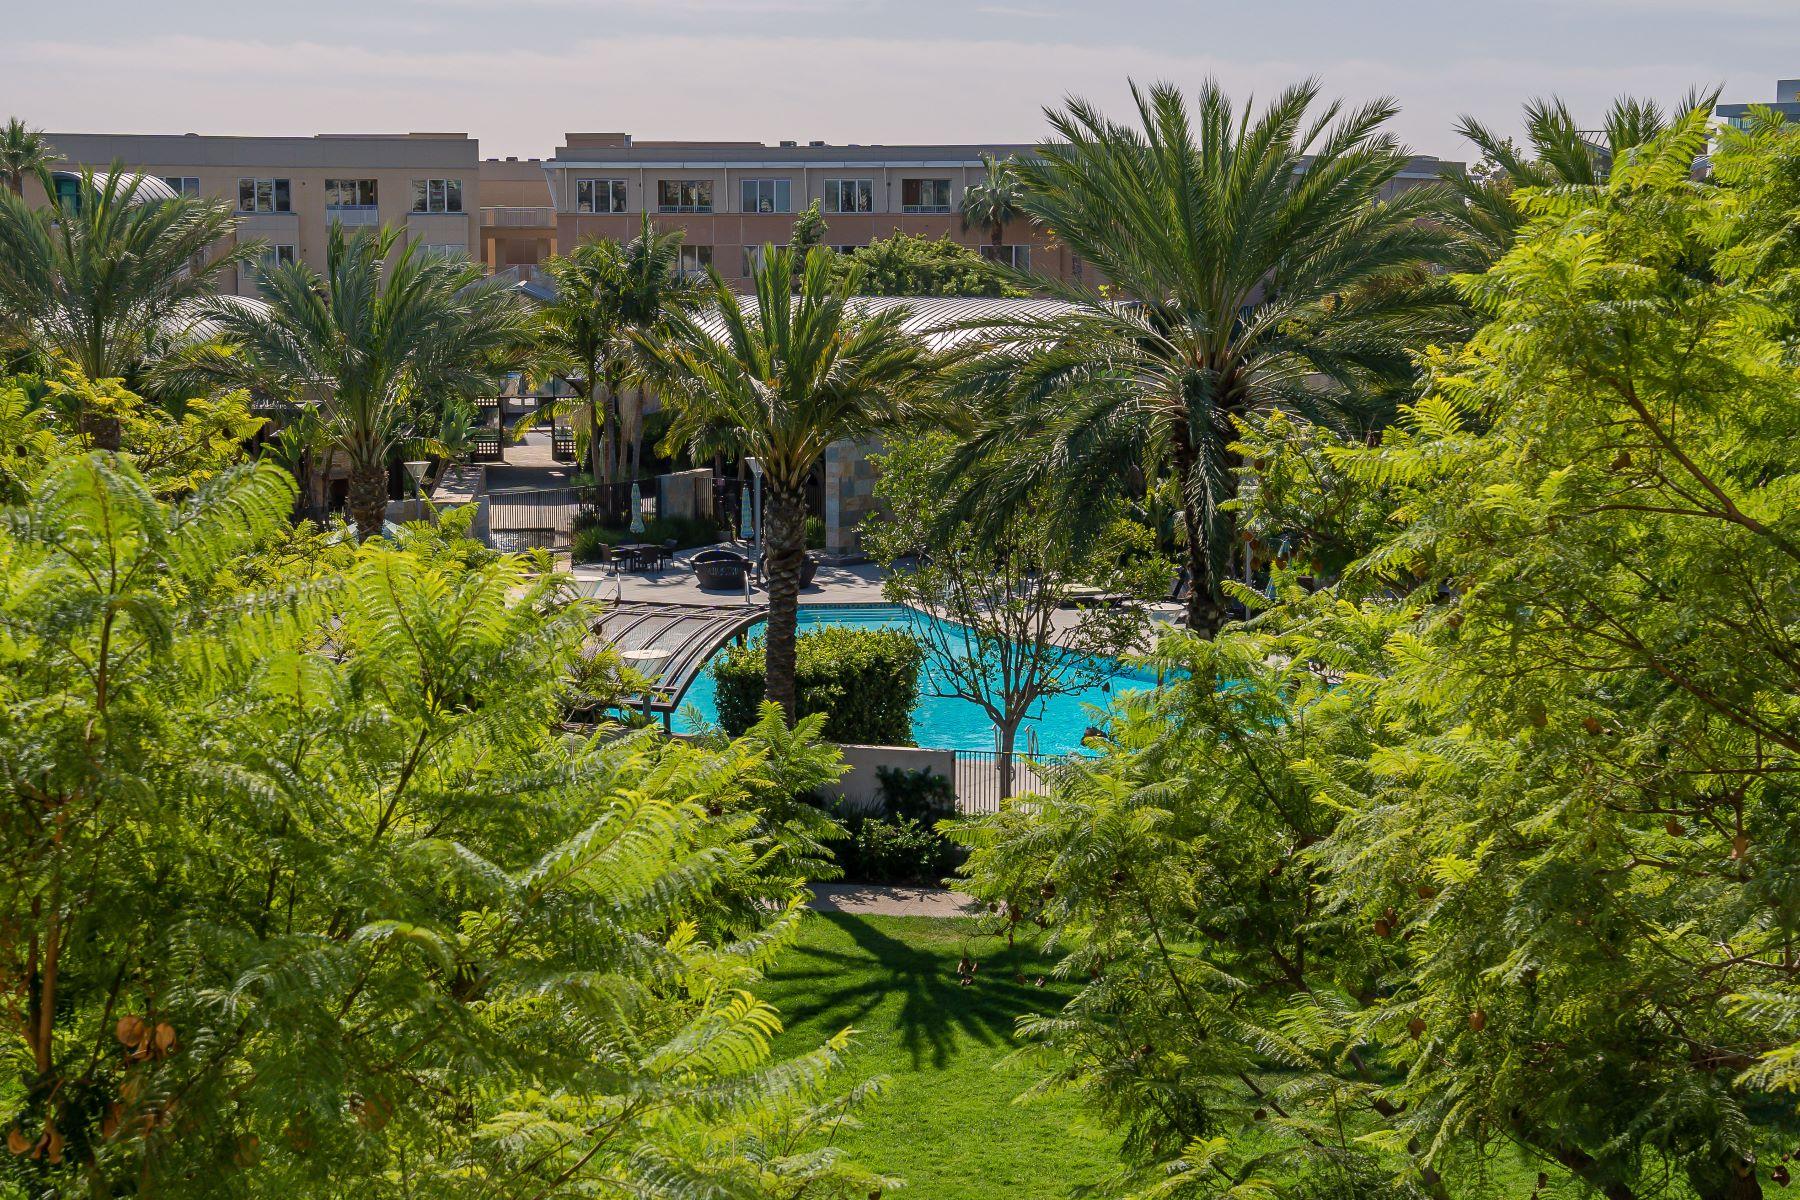 Single Family Homes for Sale at 402 Rockefeller Unit#309 402 Rockefeller # 309 Irvine, California 92612 United States